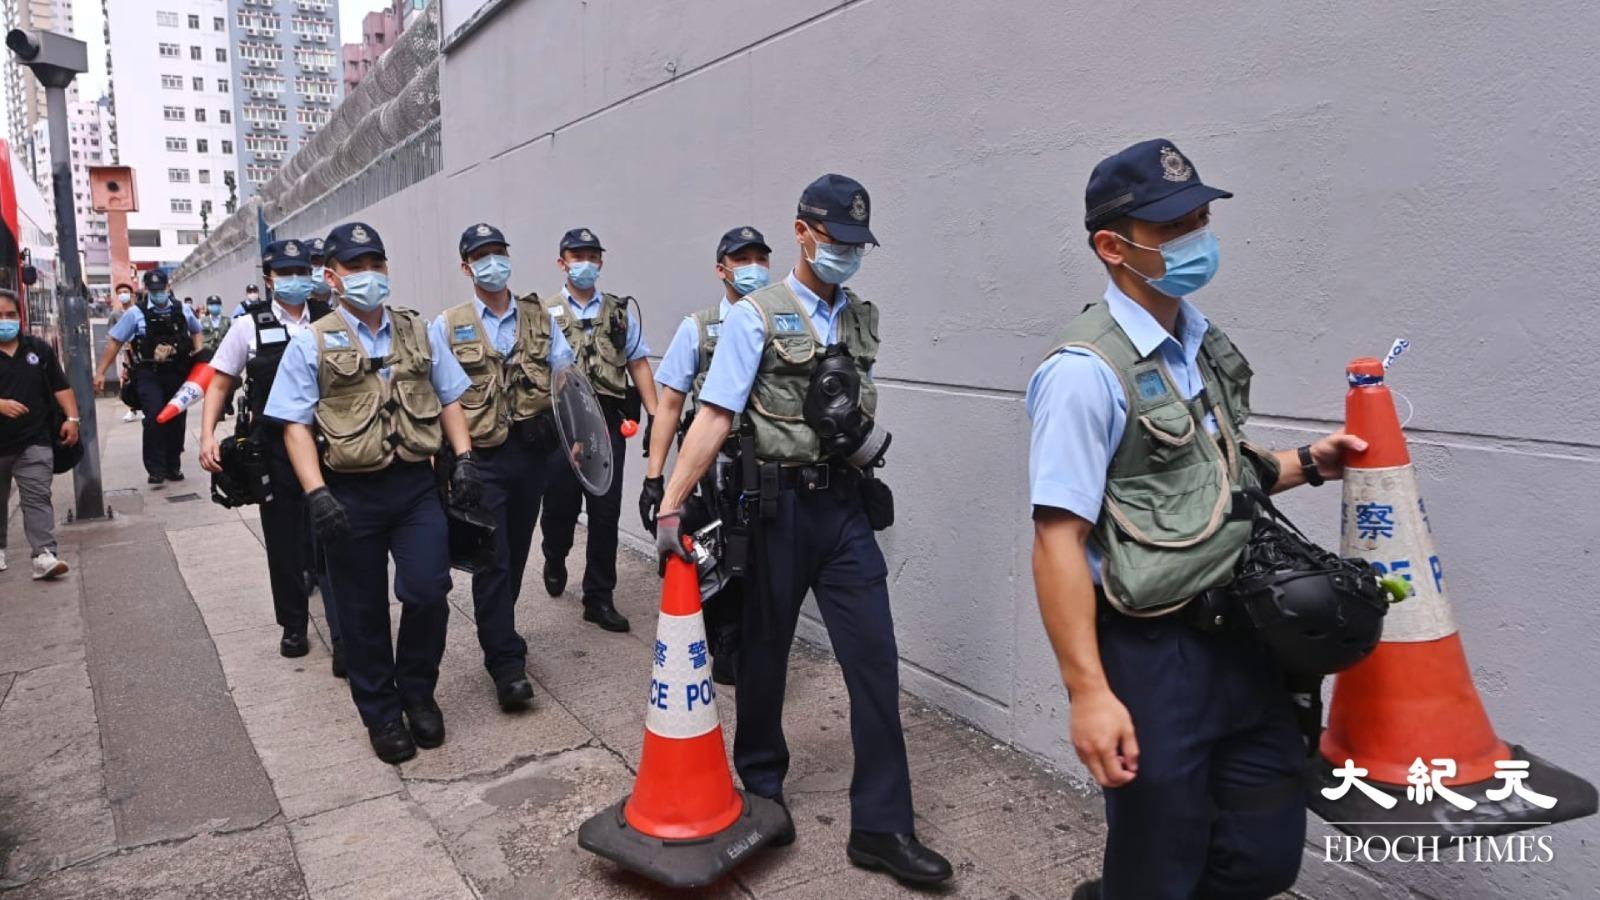 太子站外,民間常設「祭壇」的出口附近,警方設立封鎖線戒備。記者被要求離開通道。(宋碧龍/大紀元)